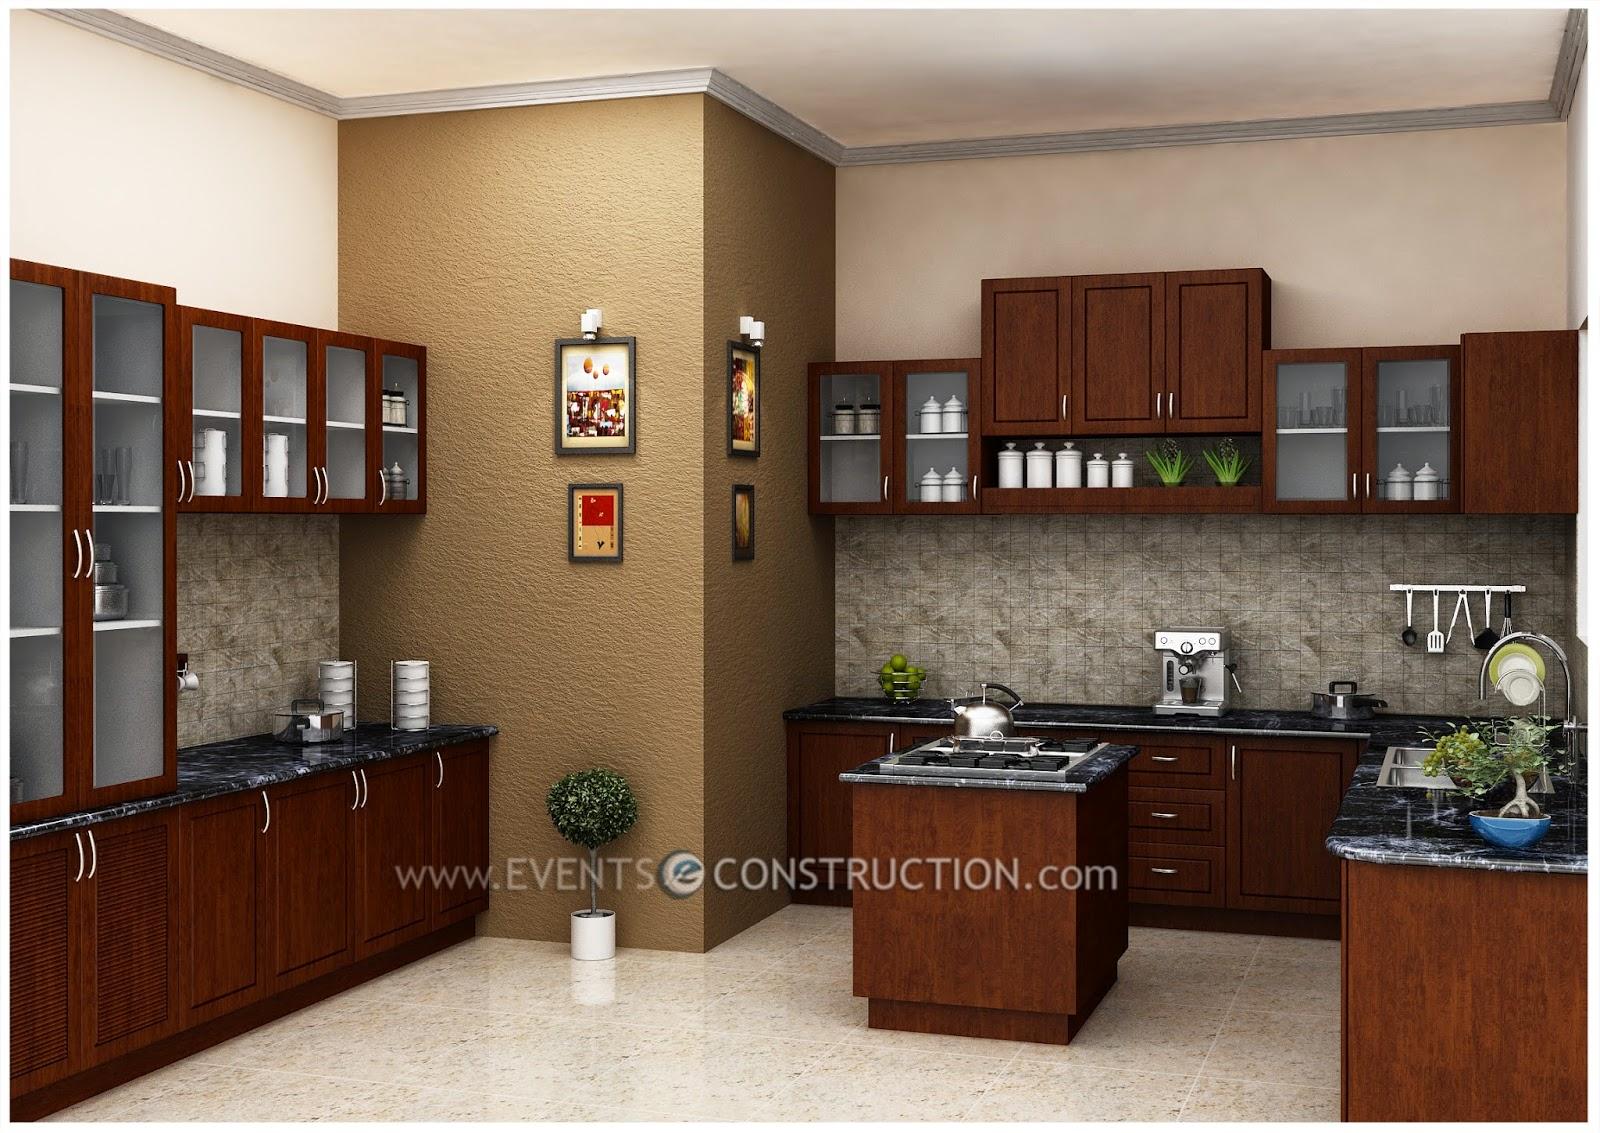 kitchen 01 28 9 2012